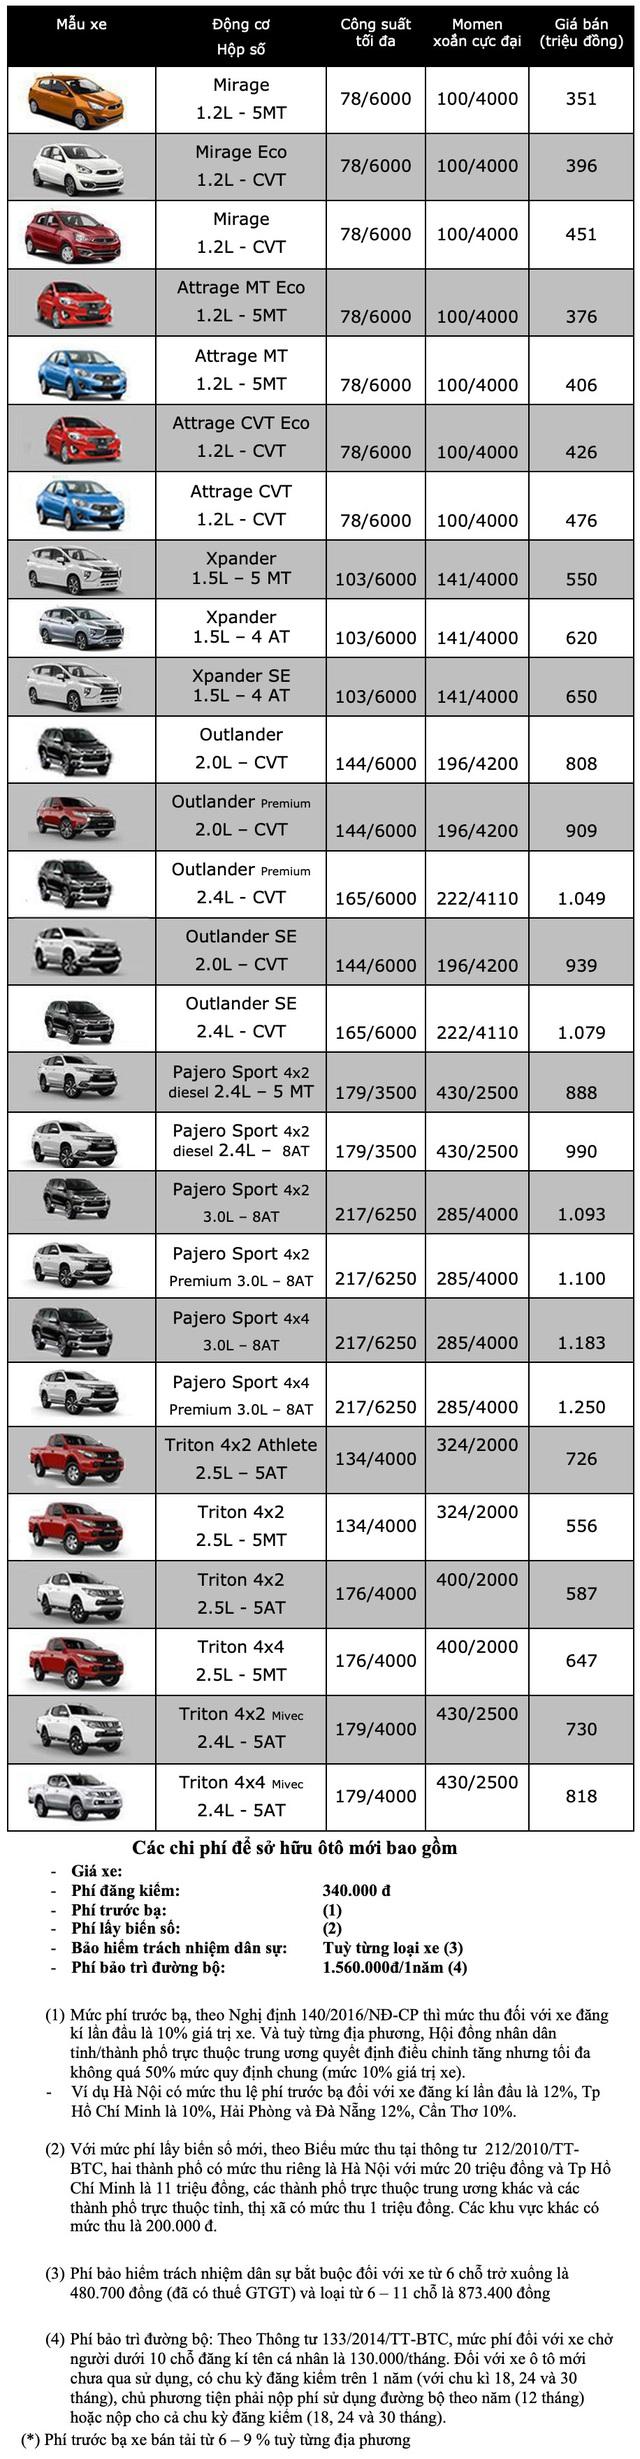 Bảng giá Mitsubishi cập nhật tháng 10/2019 - 2